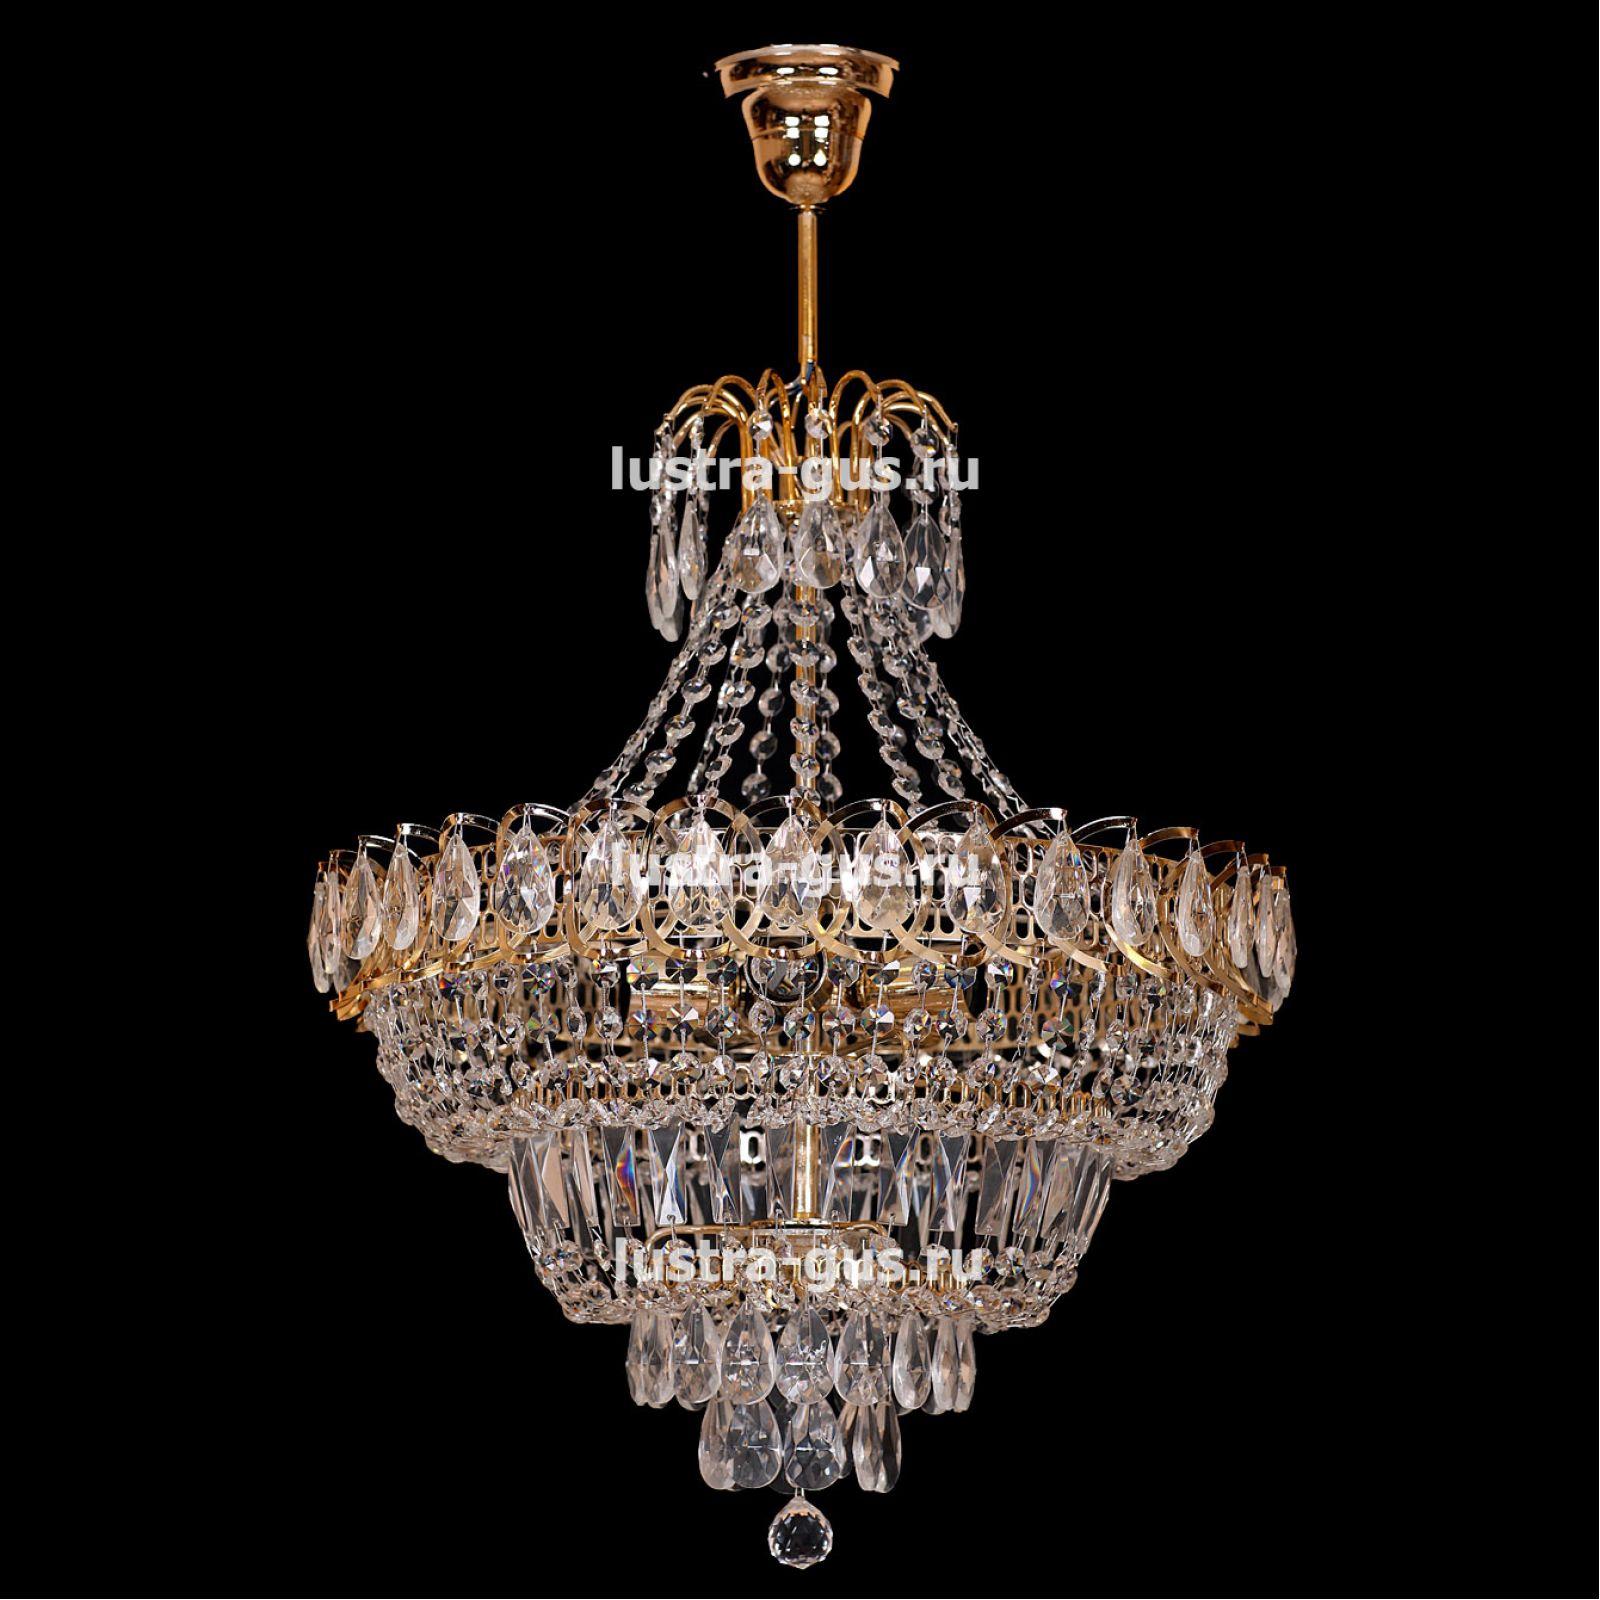 Лампа галогенная 1000вт r7s 189мм